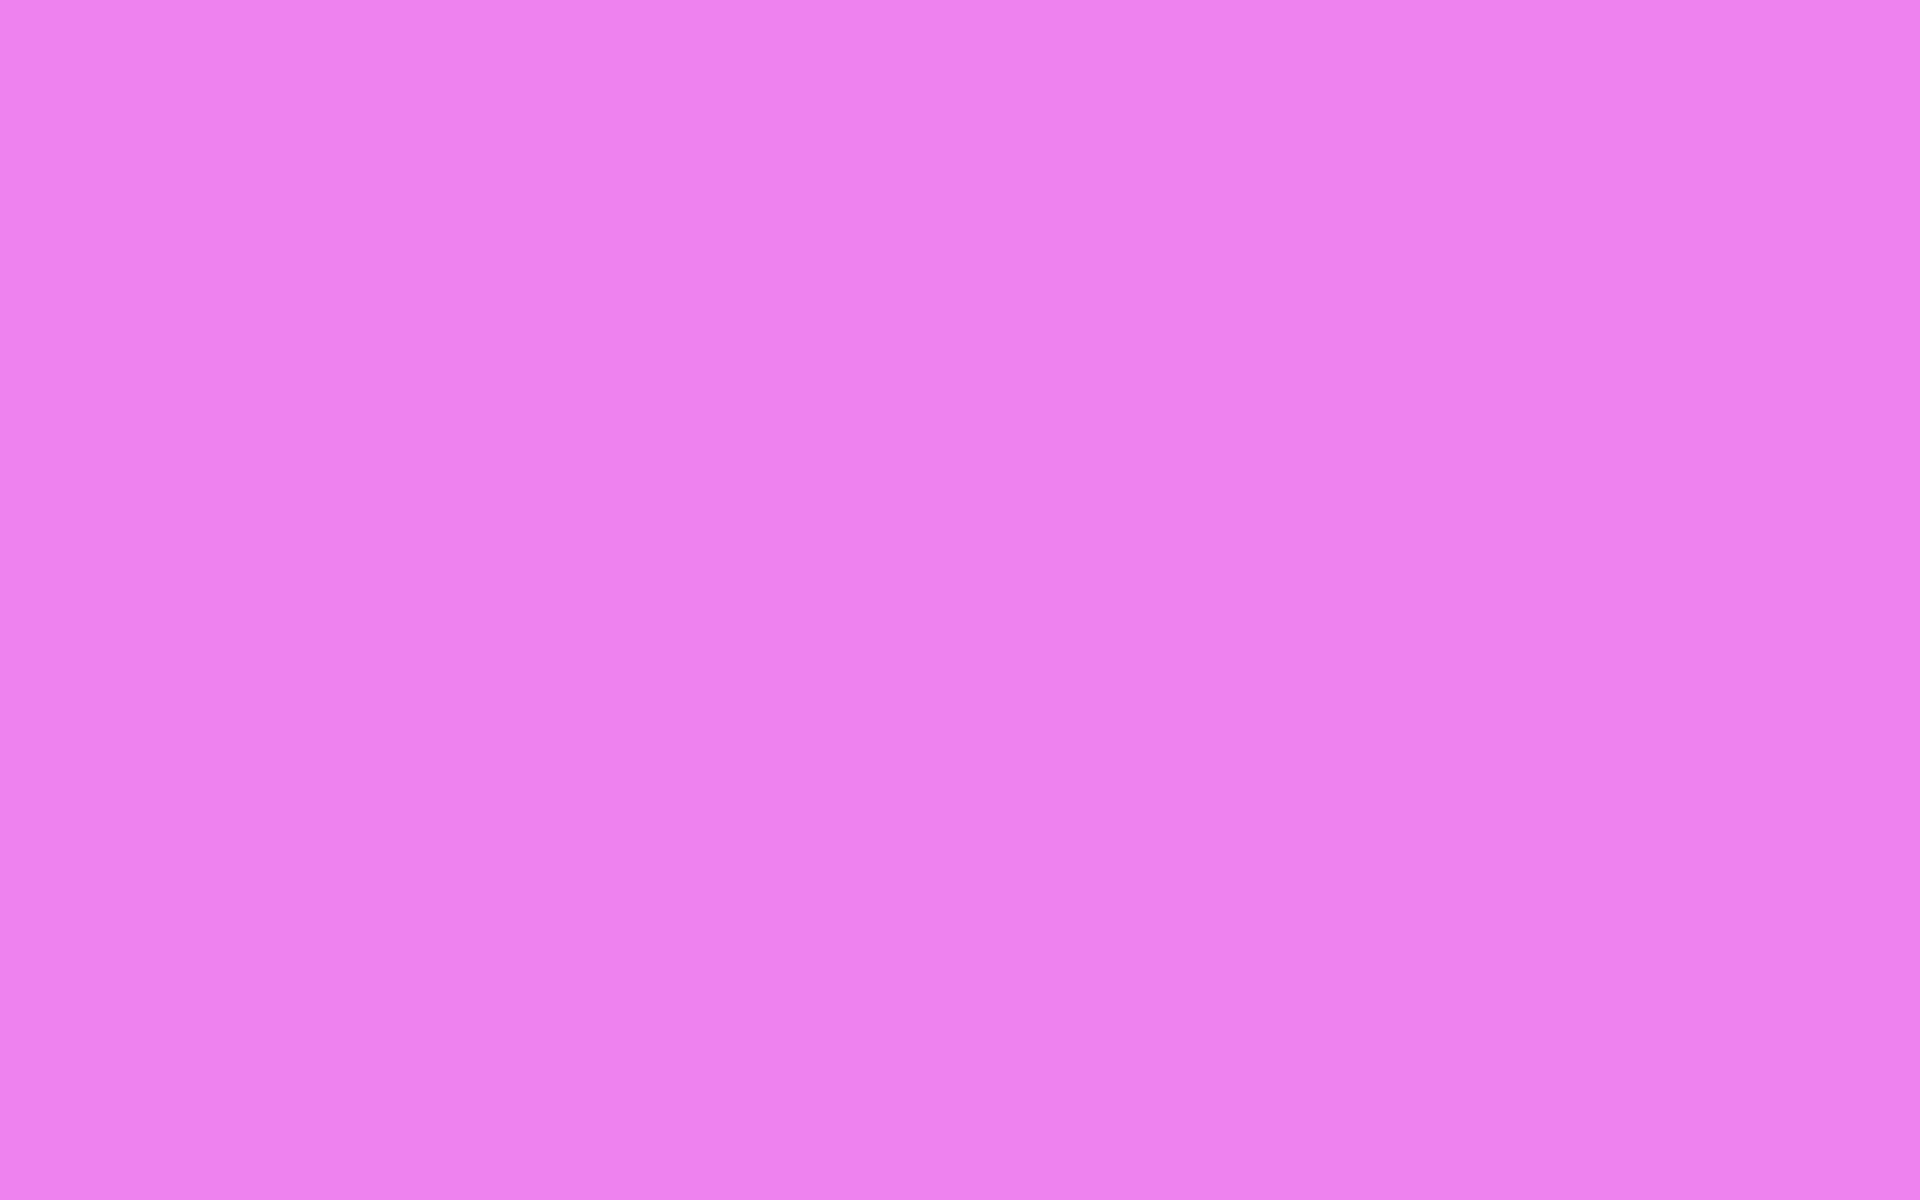 1920x1200 Lavender Magenta Solid Color Background